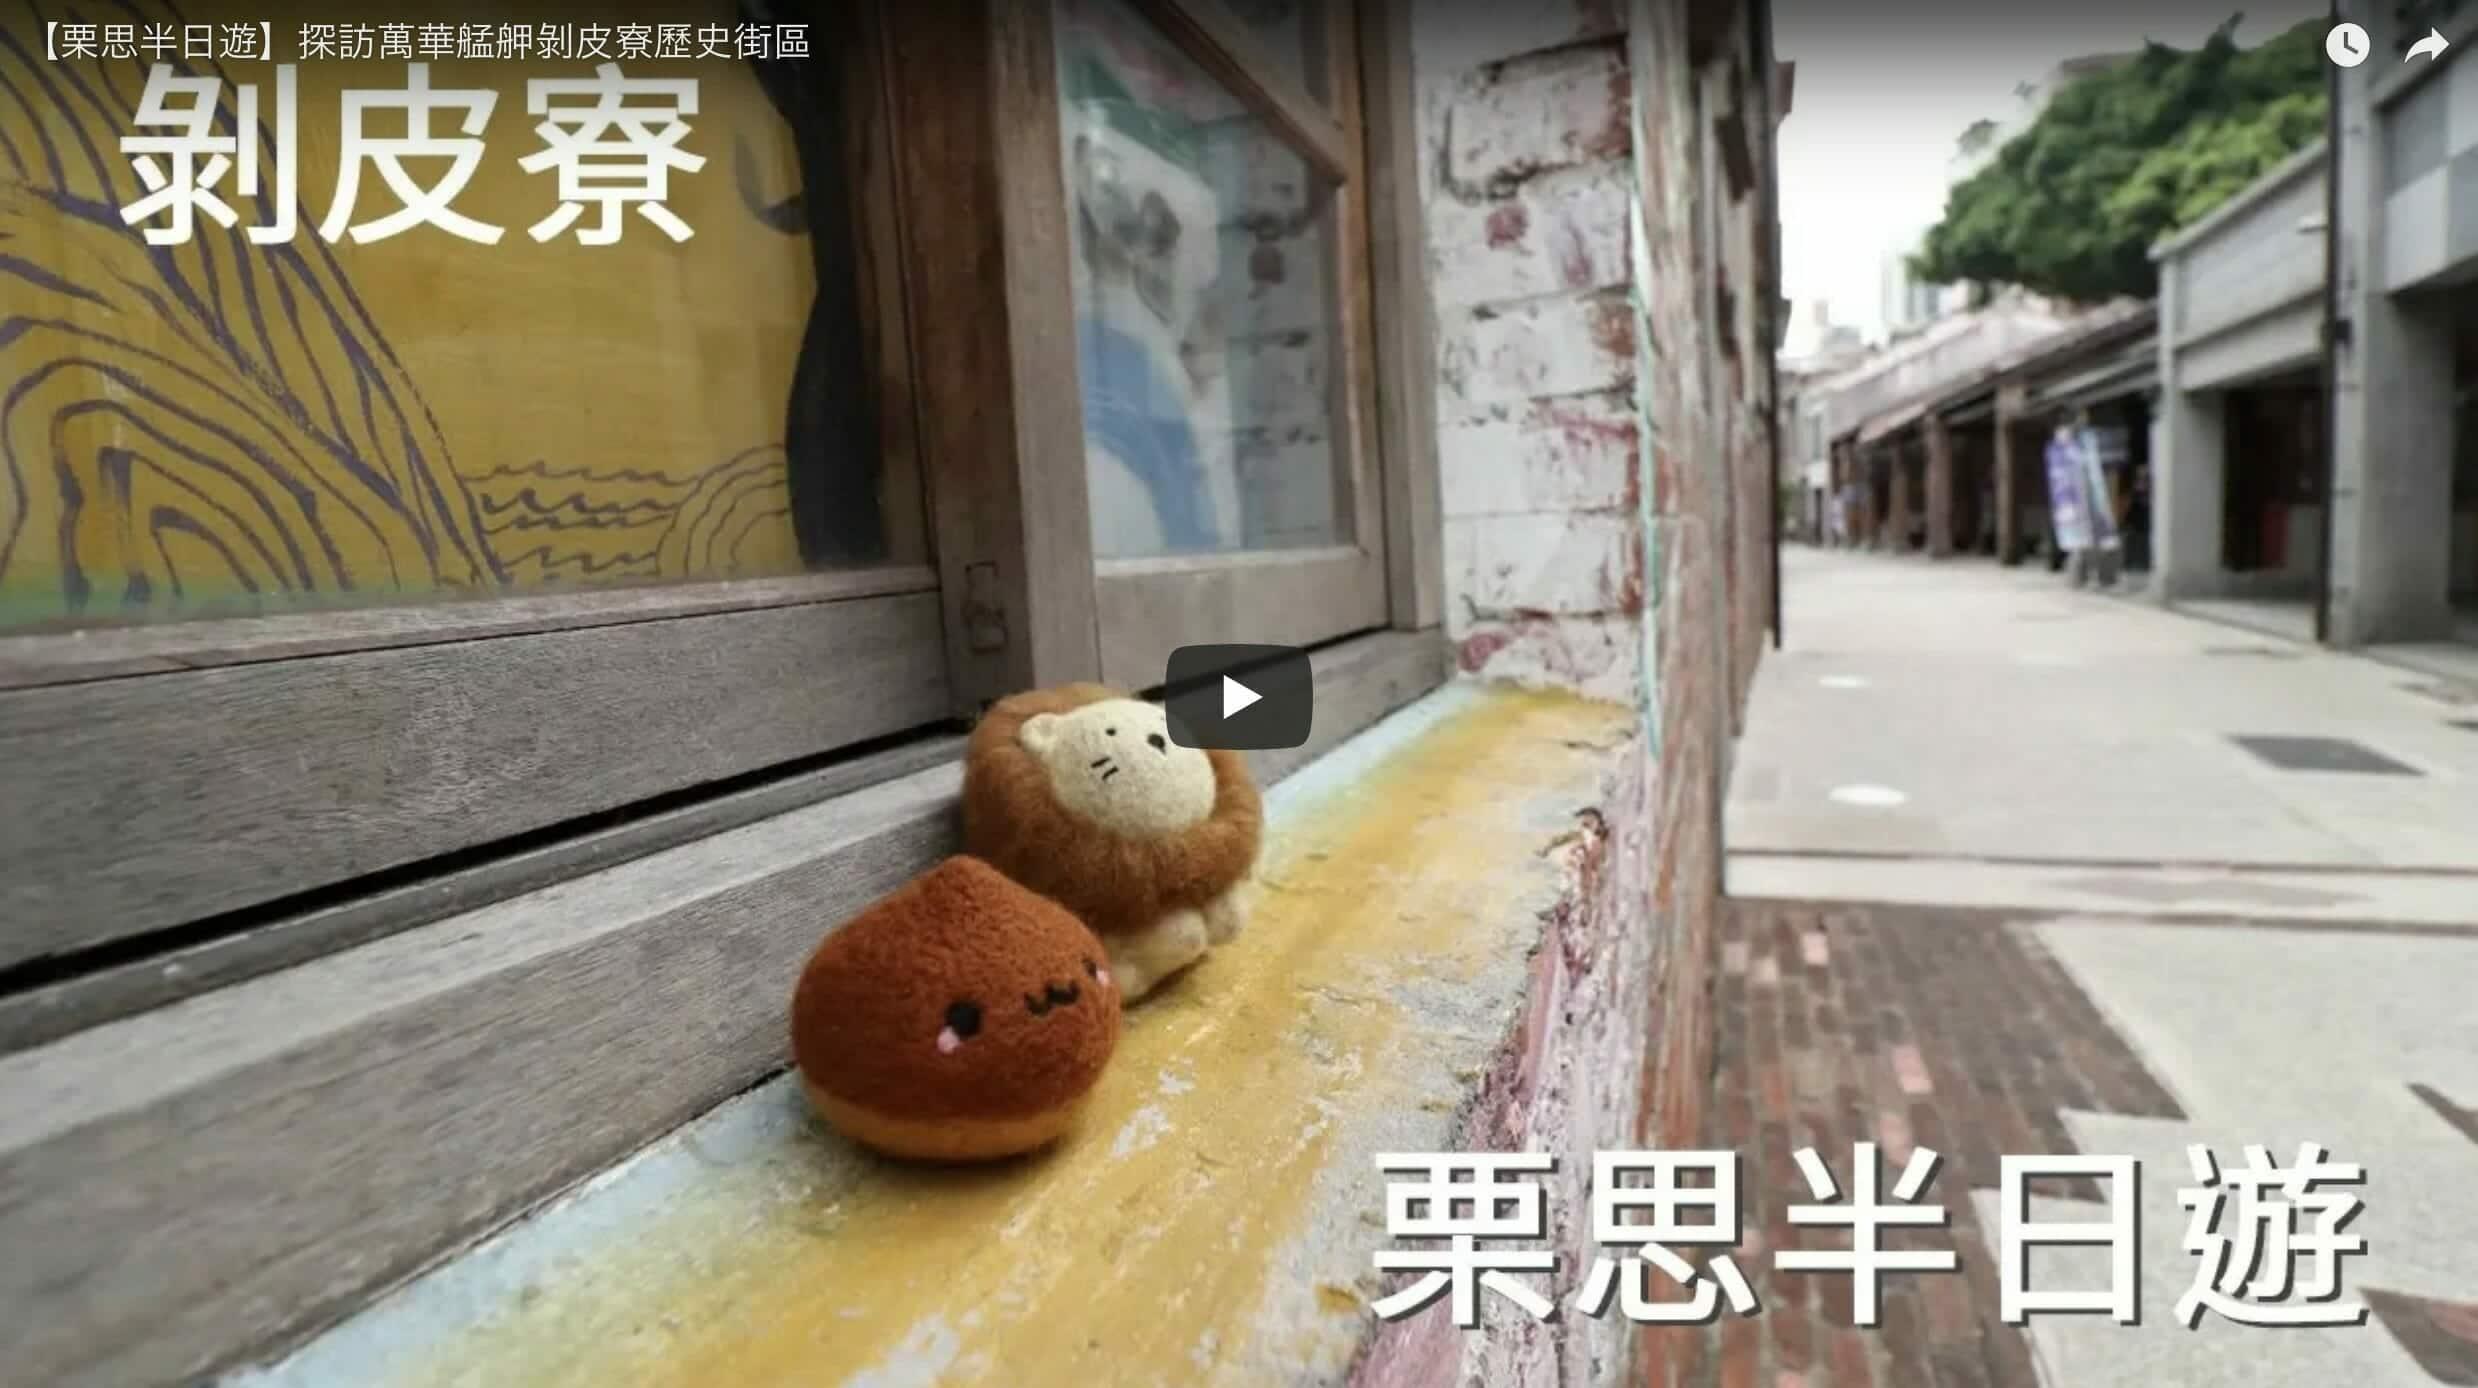 剝皮寮 歷史街區 ~ 探訪萬華艋舺剝皮寮|栗思半日遊